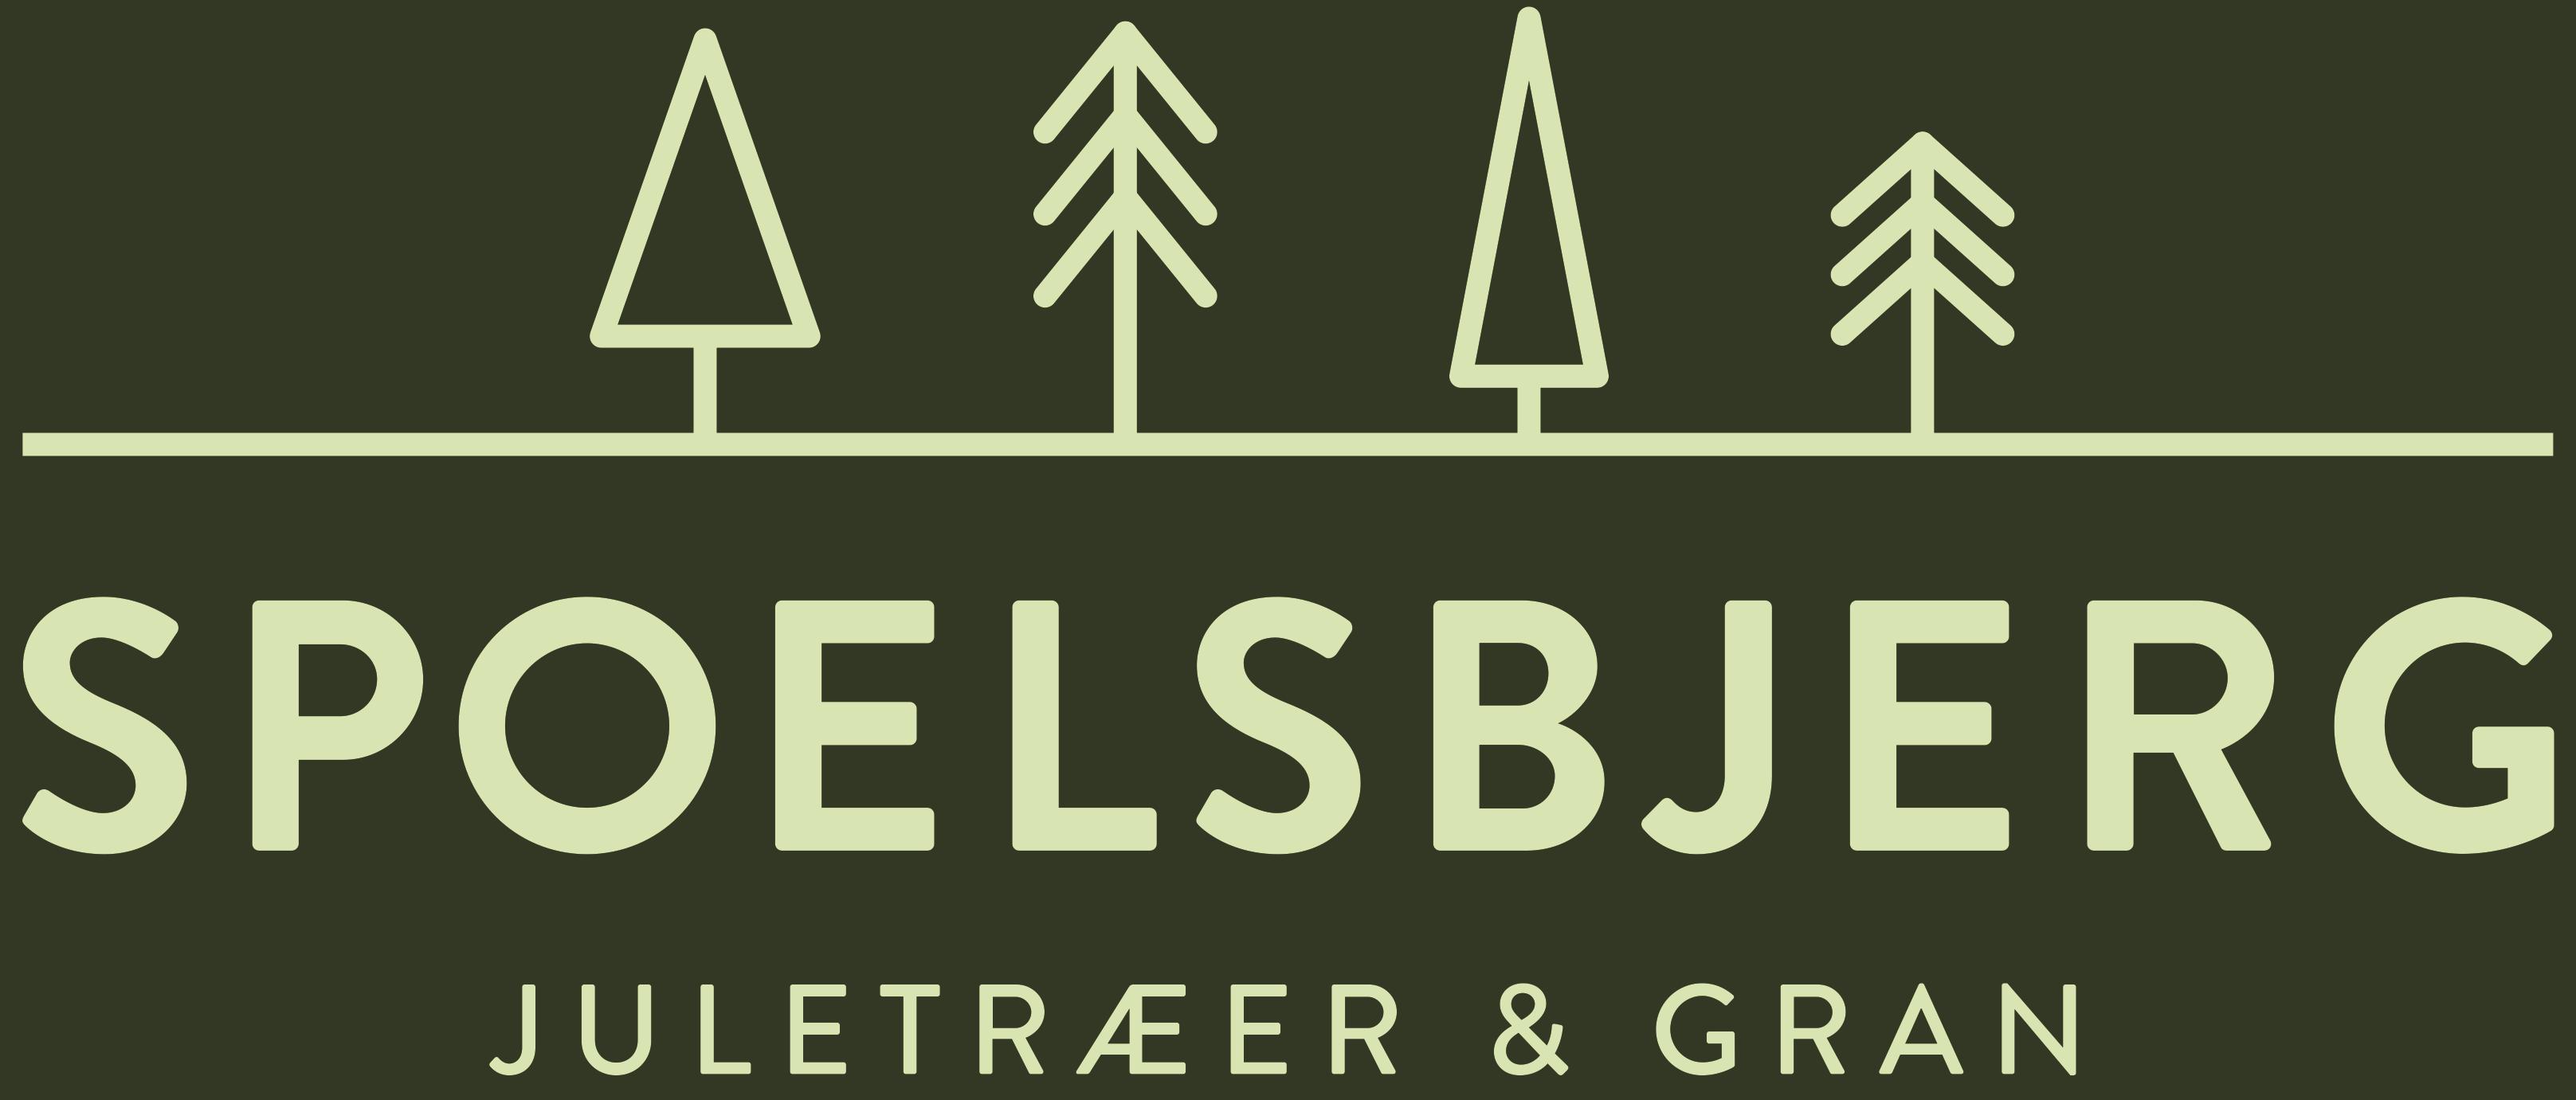 Spoelsbjerg Juletræer